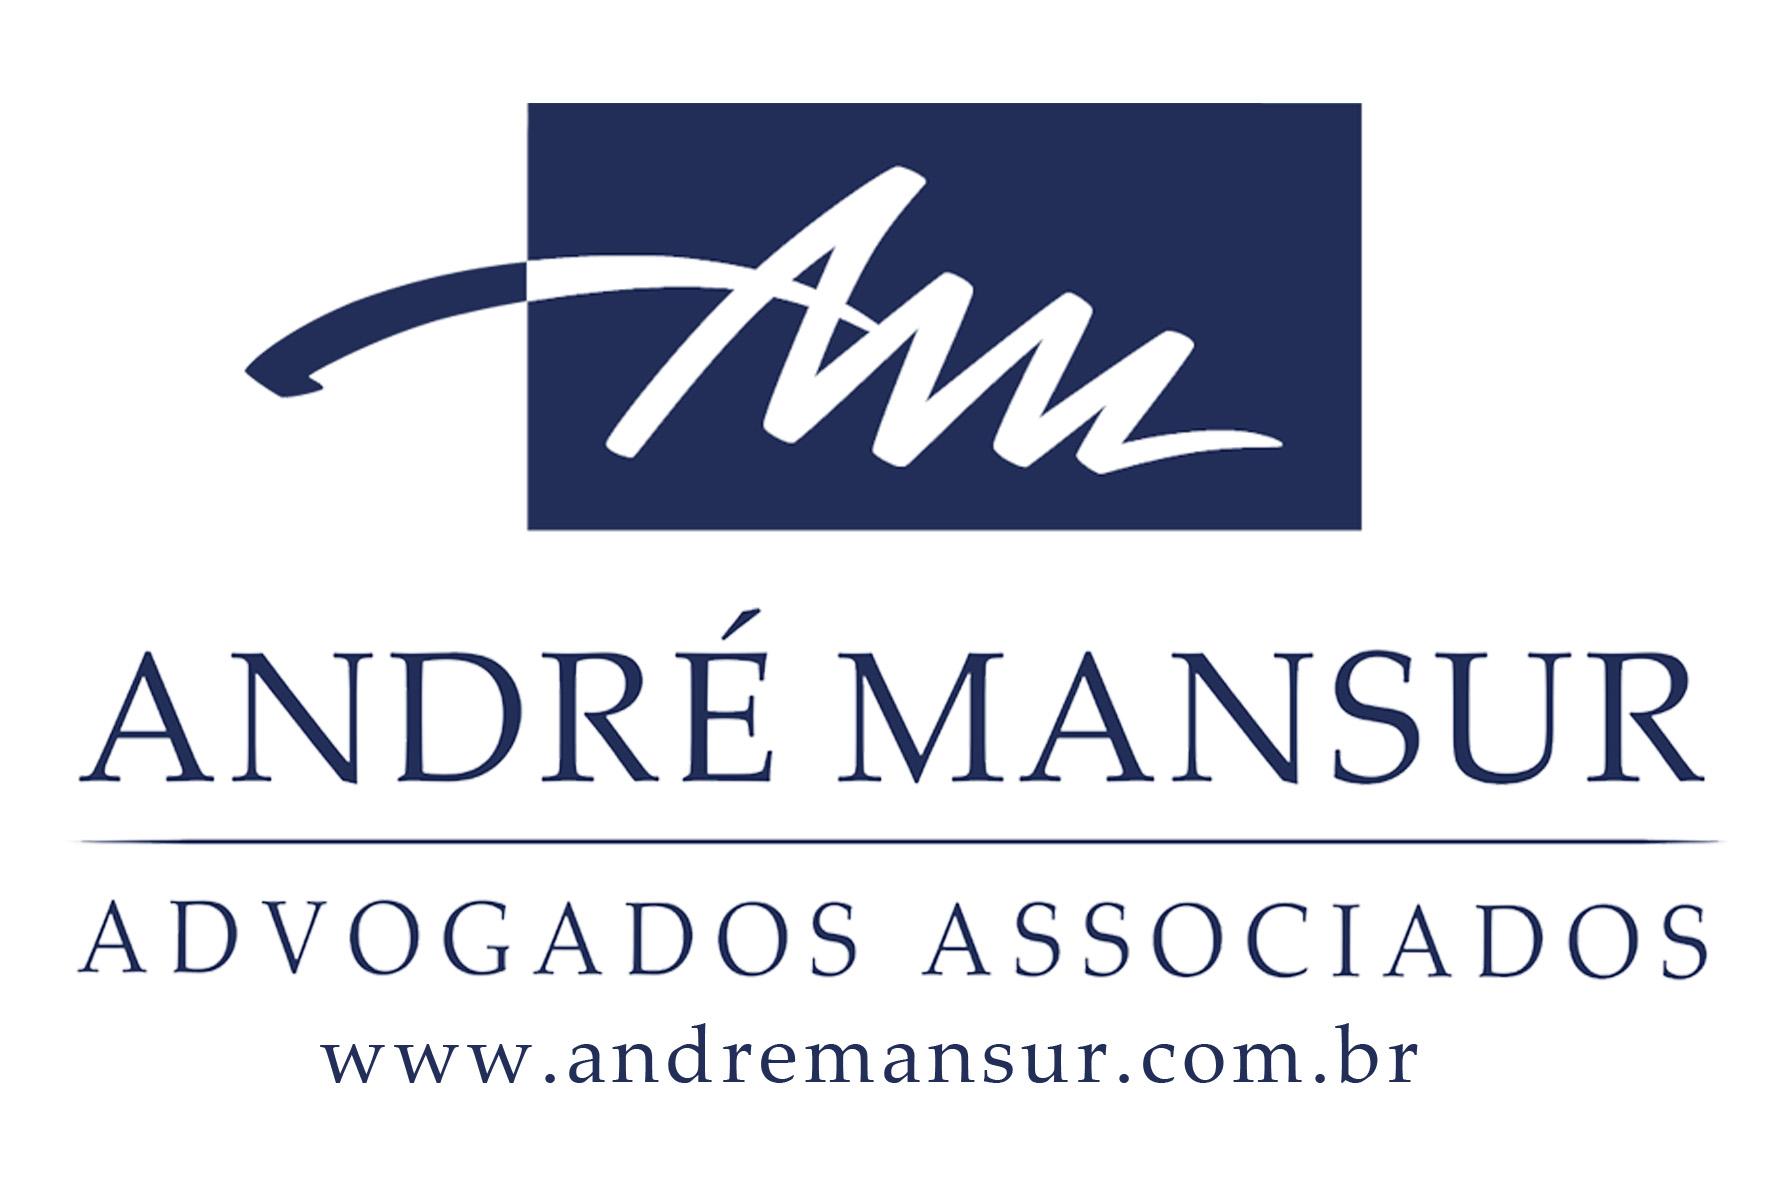 André Mansur Advogados Associados